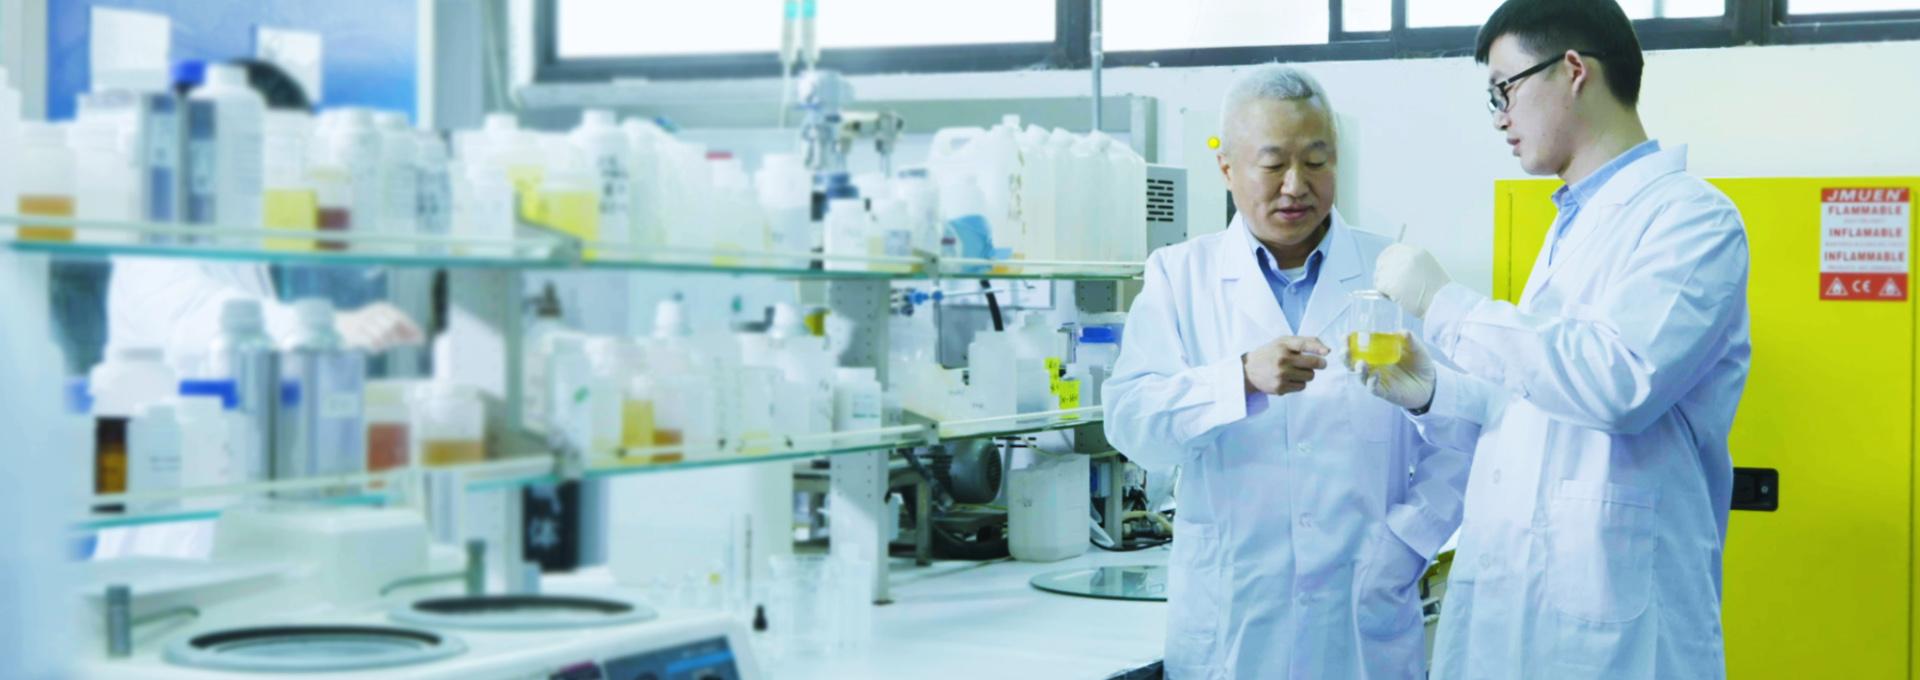 综合高分子材料方案解决商